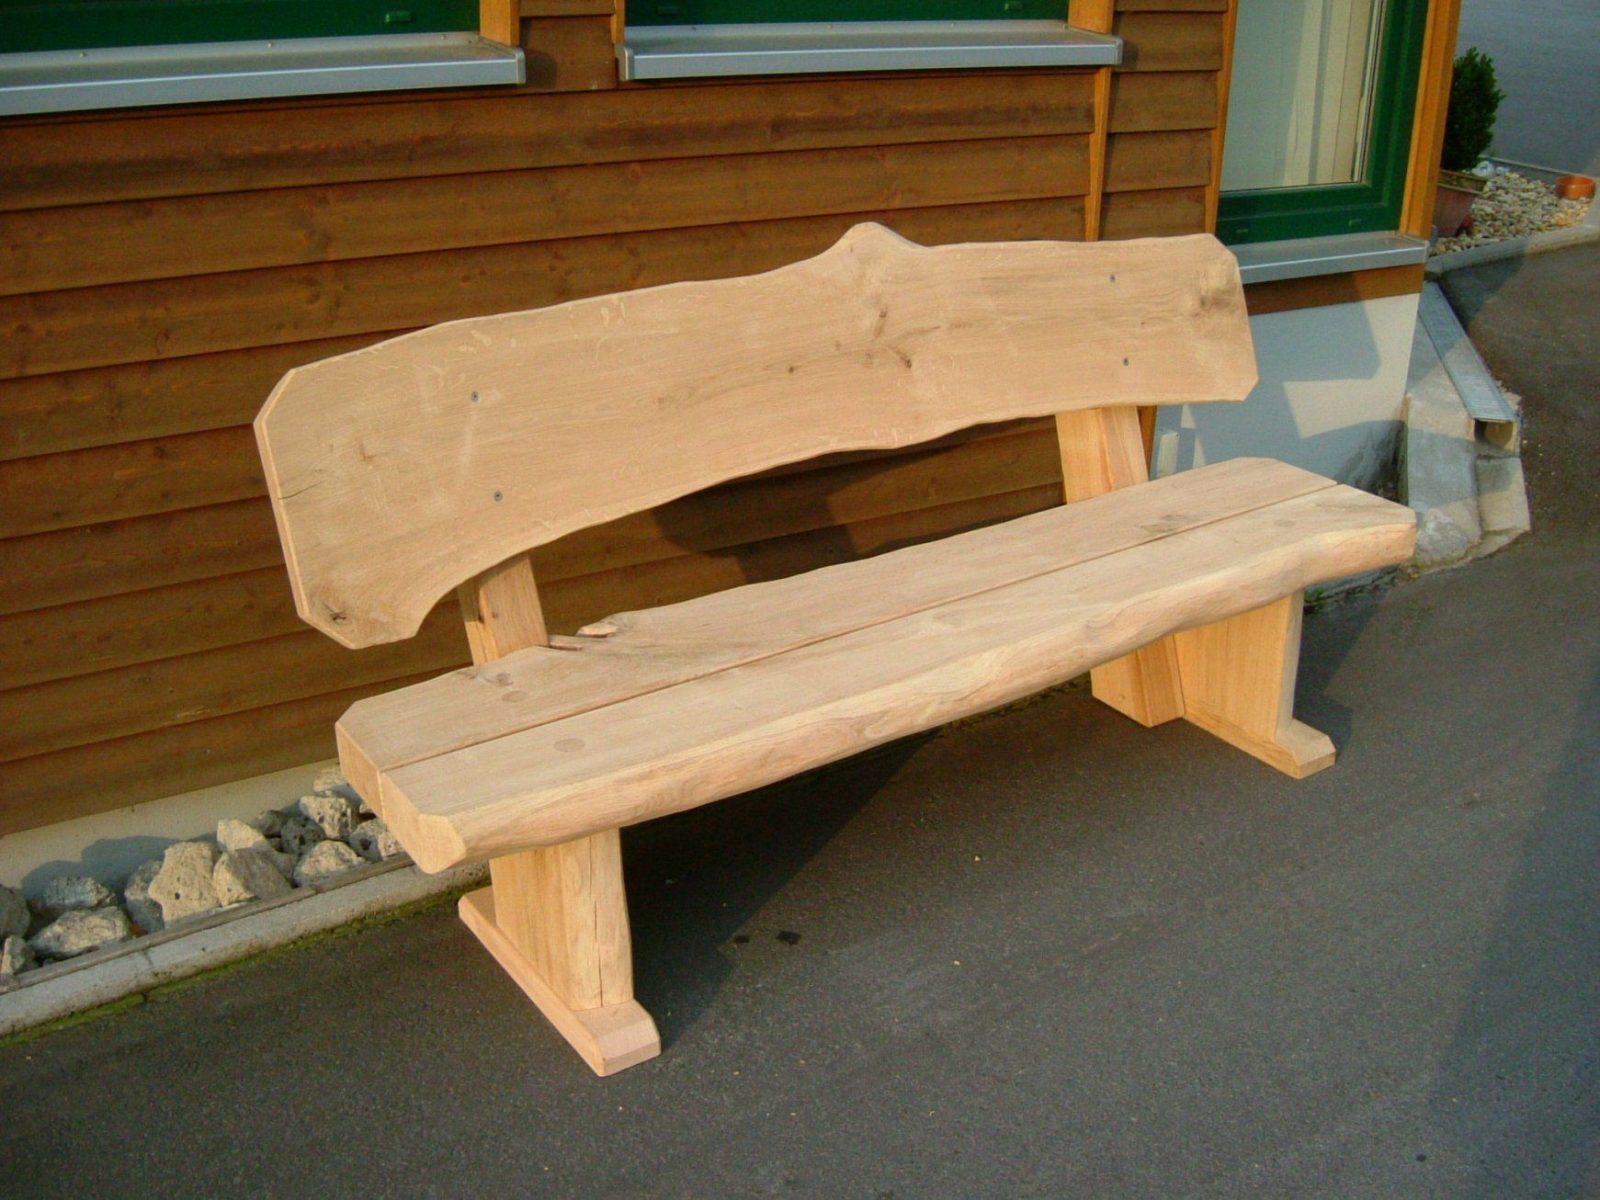 Gartenmobel Holz Massiv Polen Gartenmobel Holz Rustikal – Palashfo von Gartenmöbel Holz Massiv Polen Bild